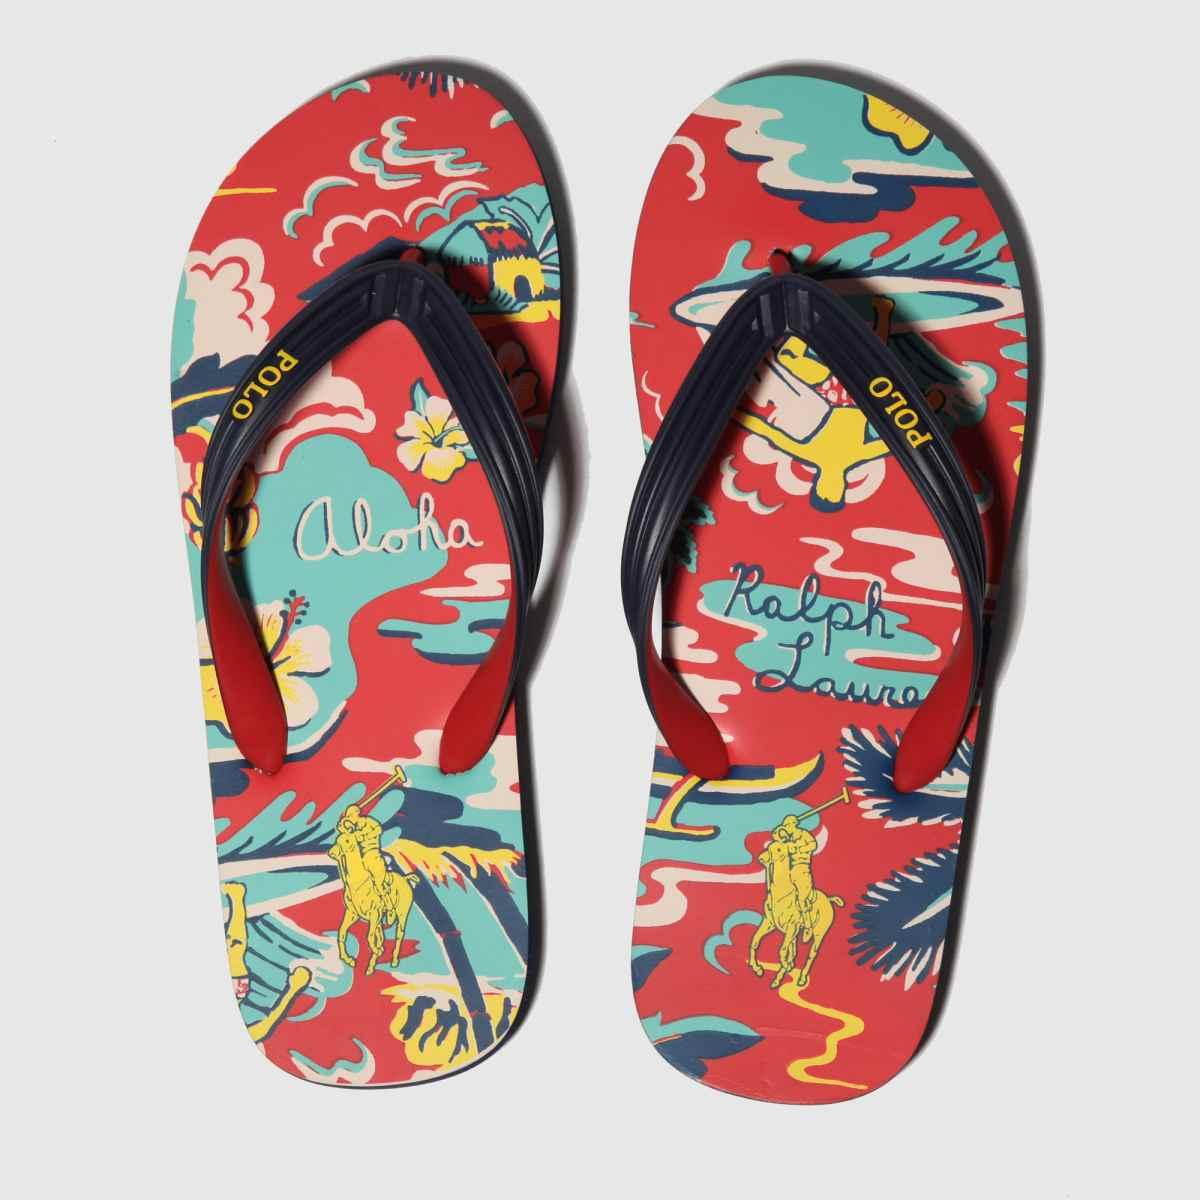 Polo Ralph Lauren Red & Navy Whtlbury Iii Sandals